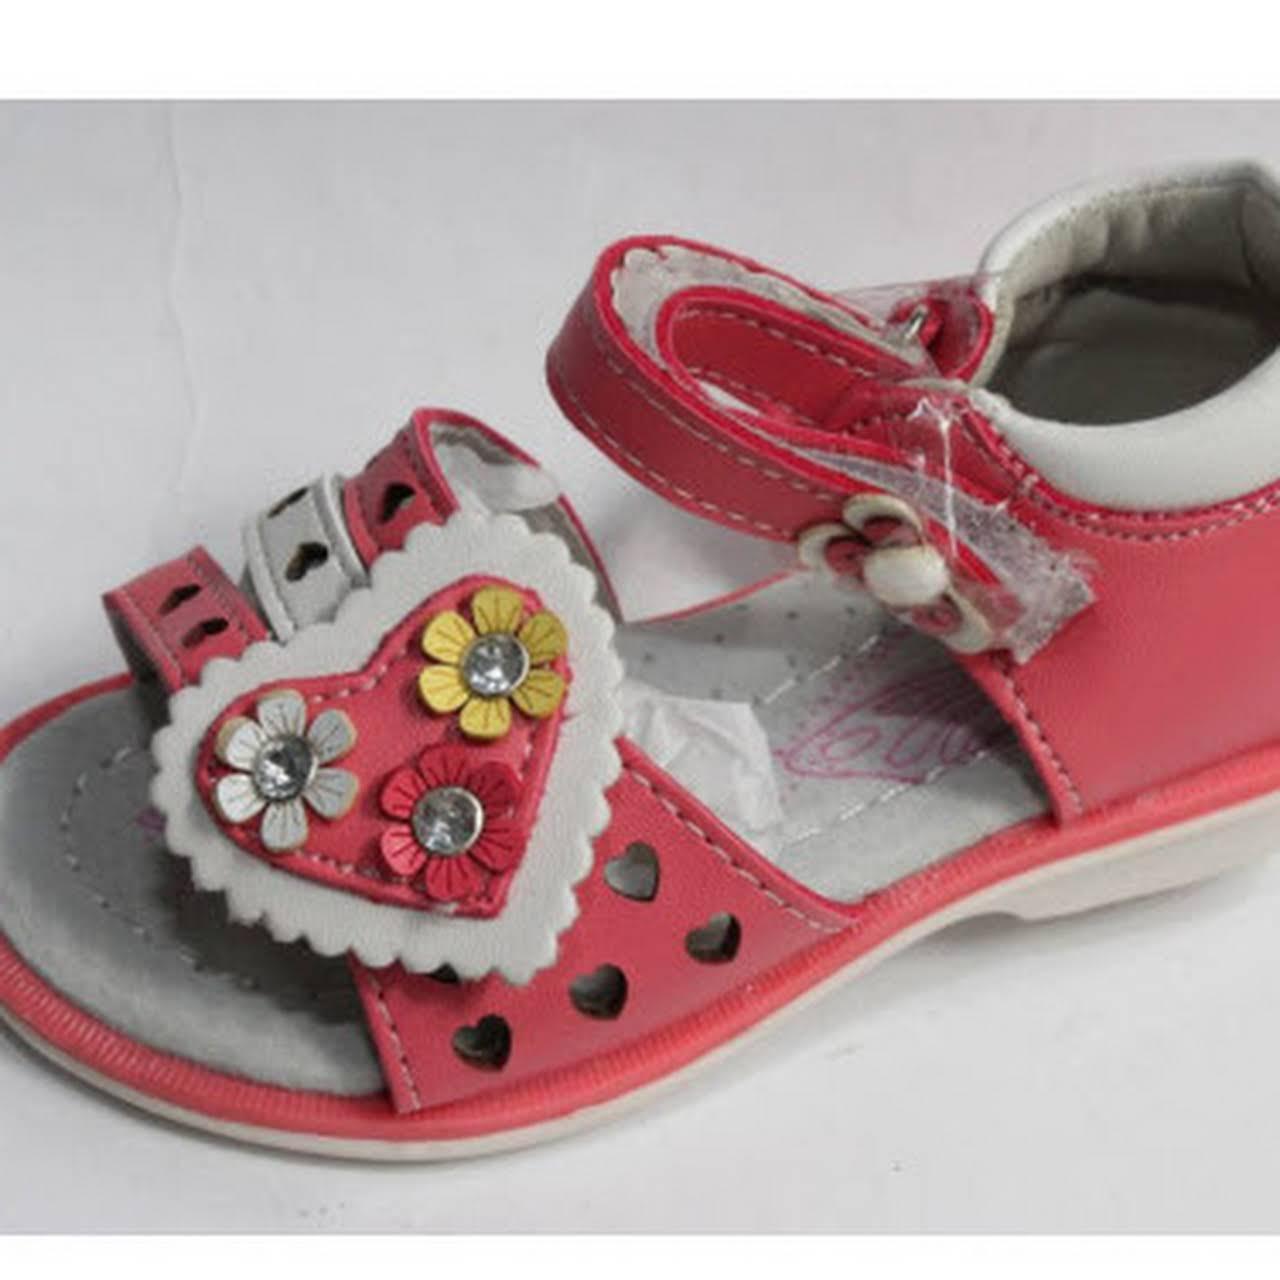 Левеня - Магазин дитячого одягу та взуття 9fd6f811c0d39